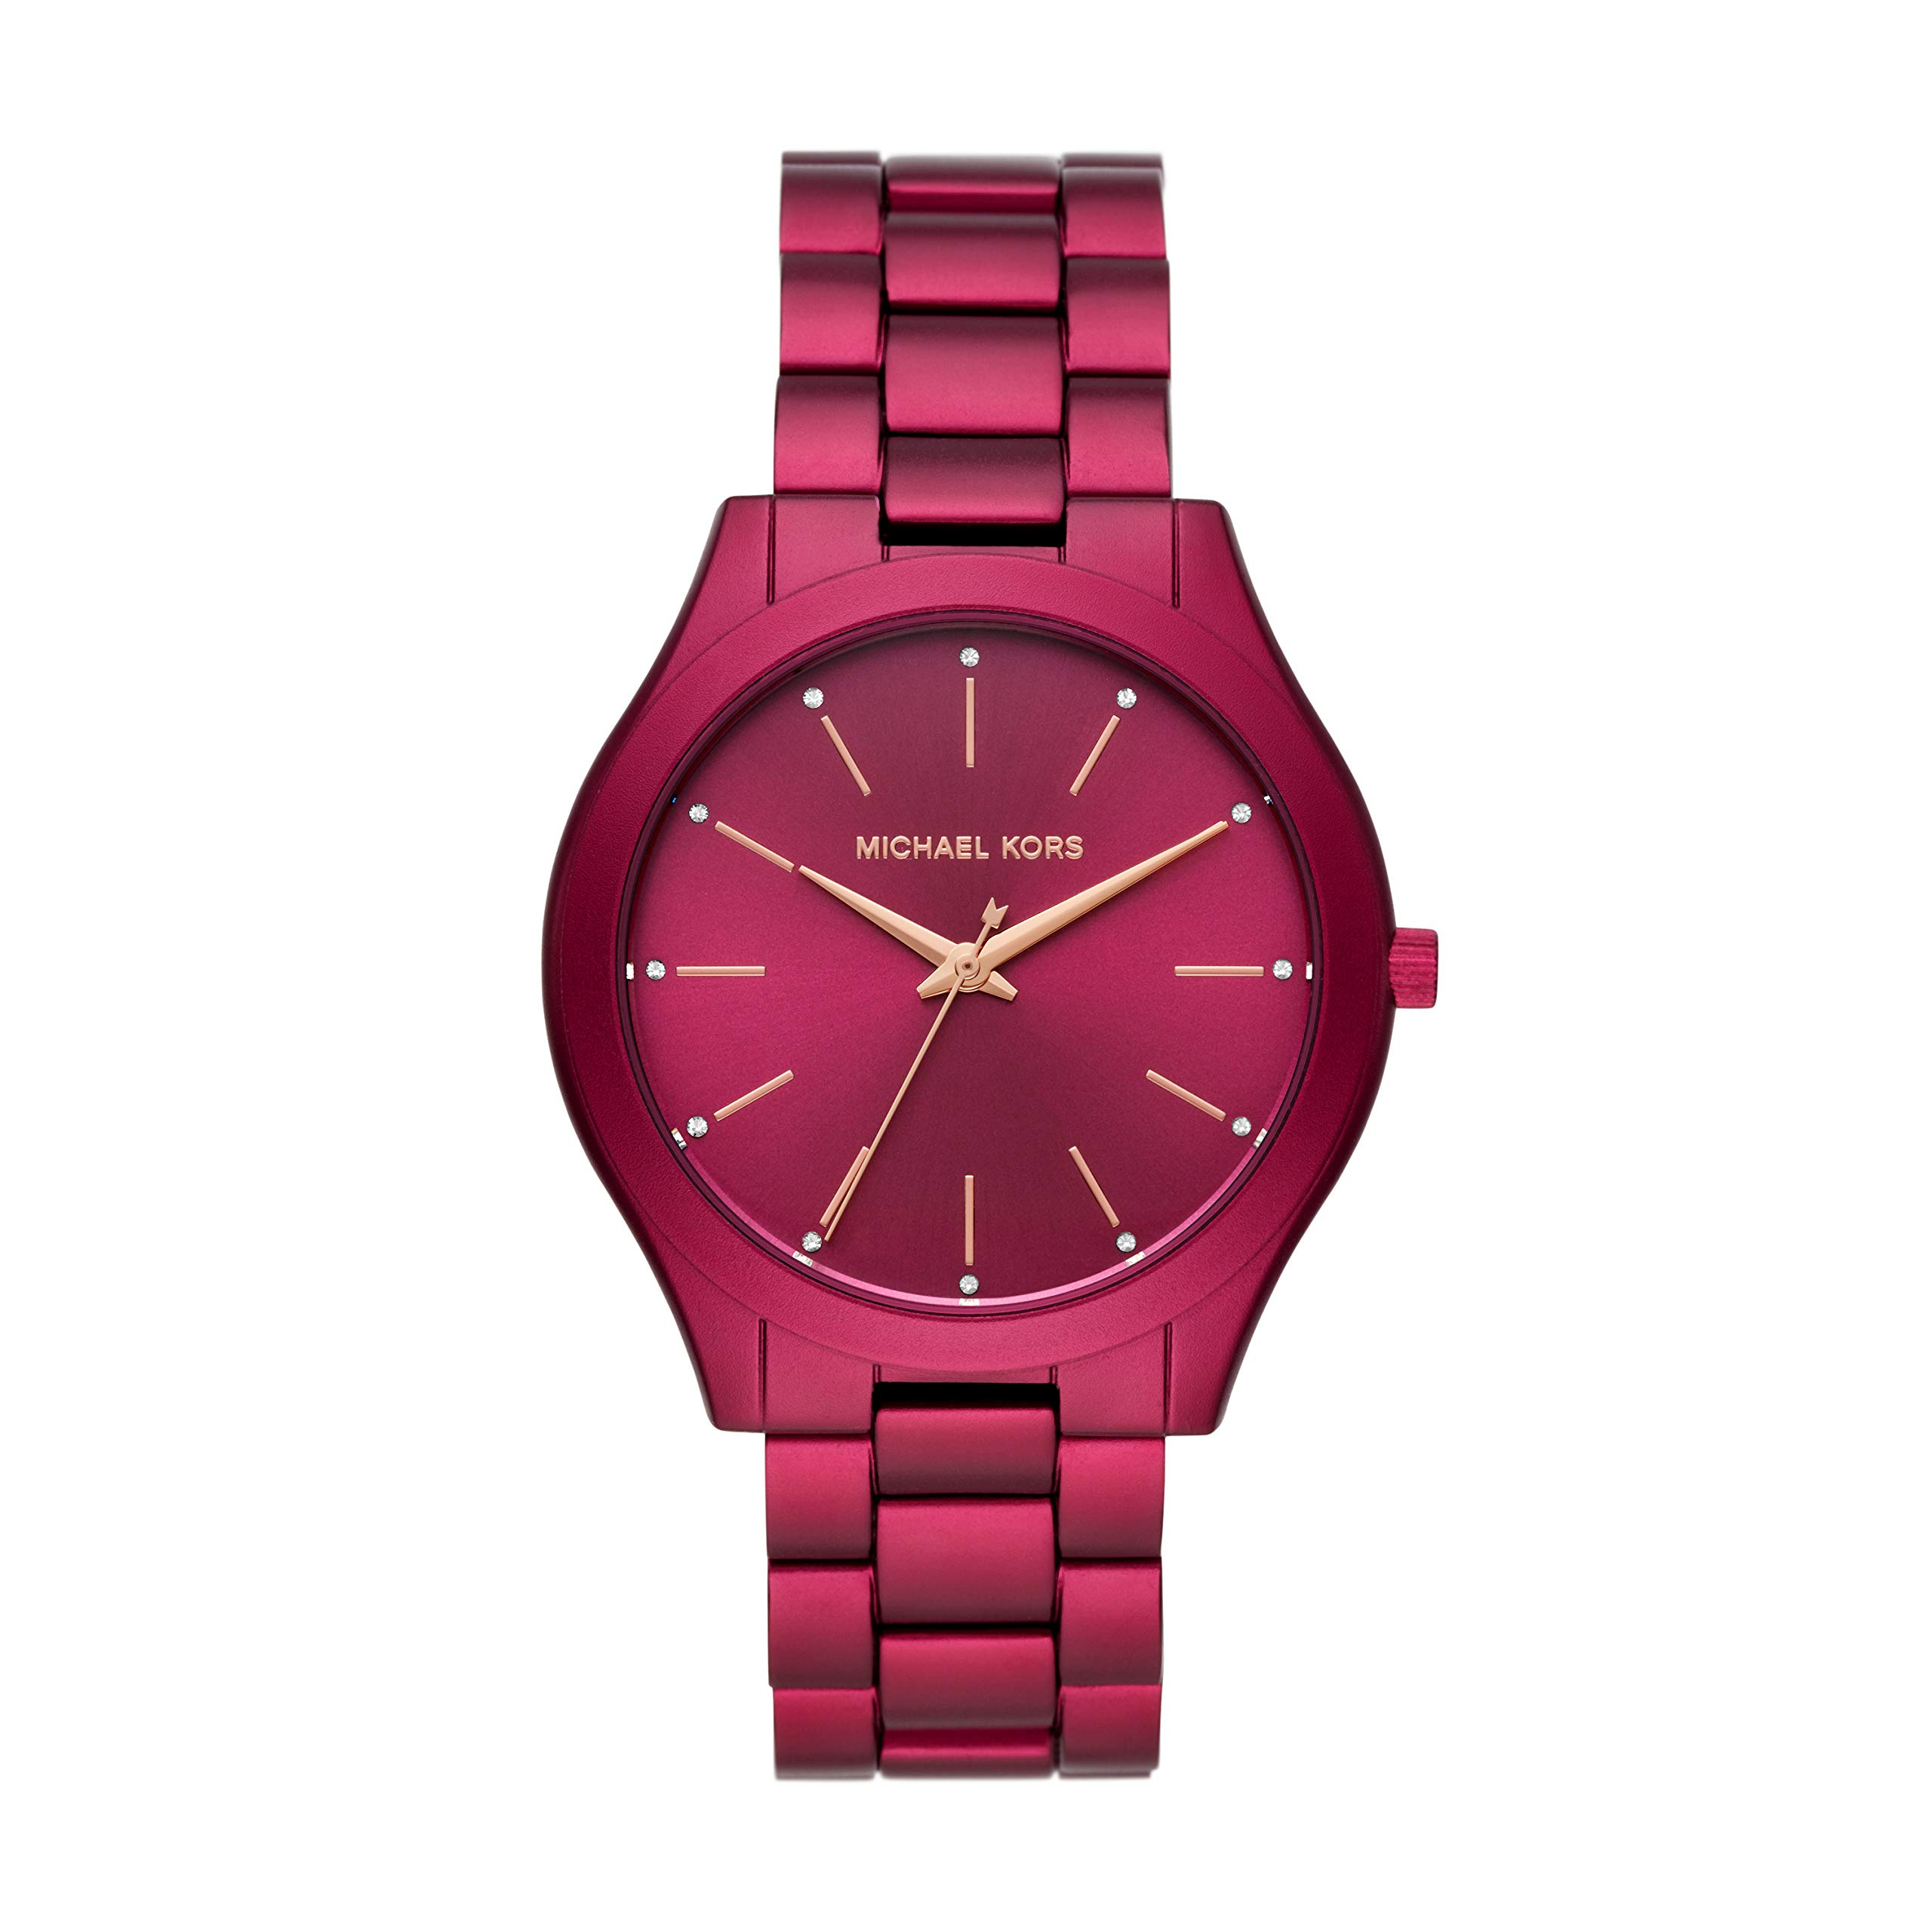 Michael Kors Slim Runway Three-Hand Watch